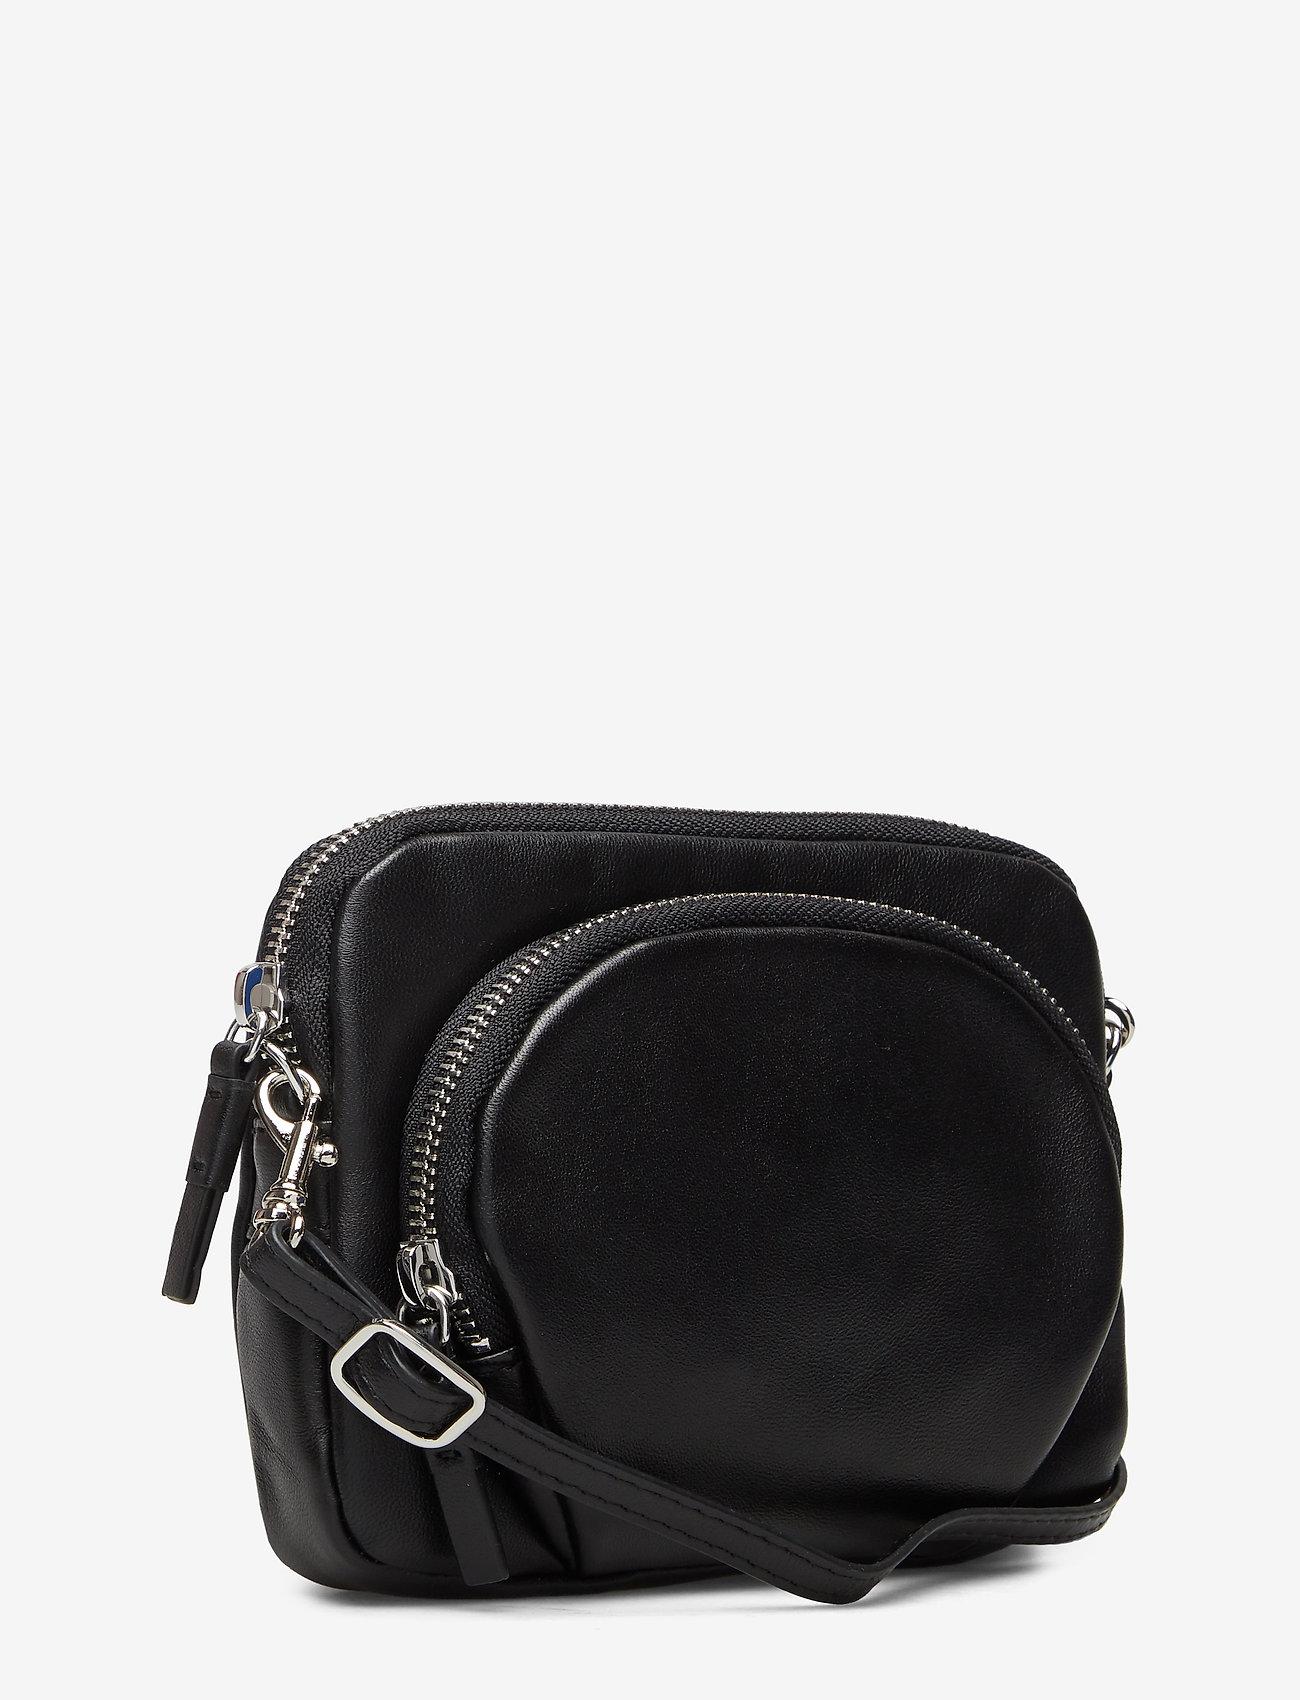 Filippa K Mini Leather Bag - Torby na ramię BLACK - Torby